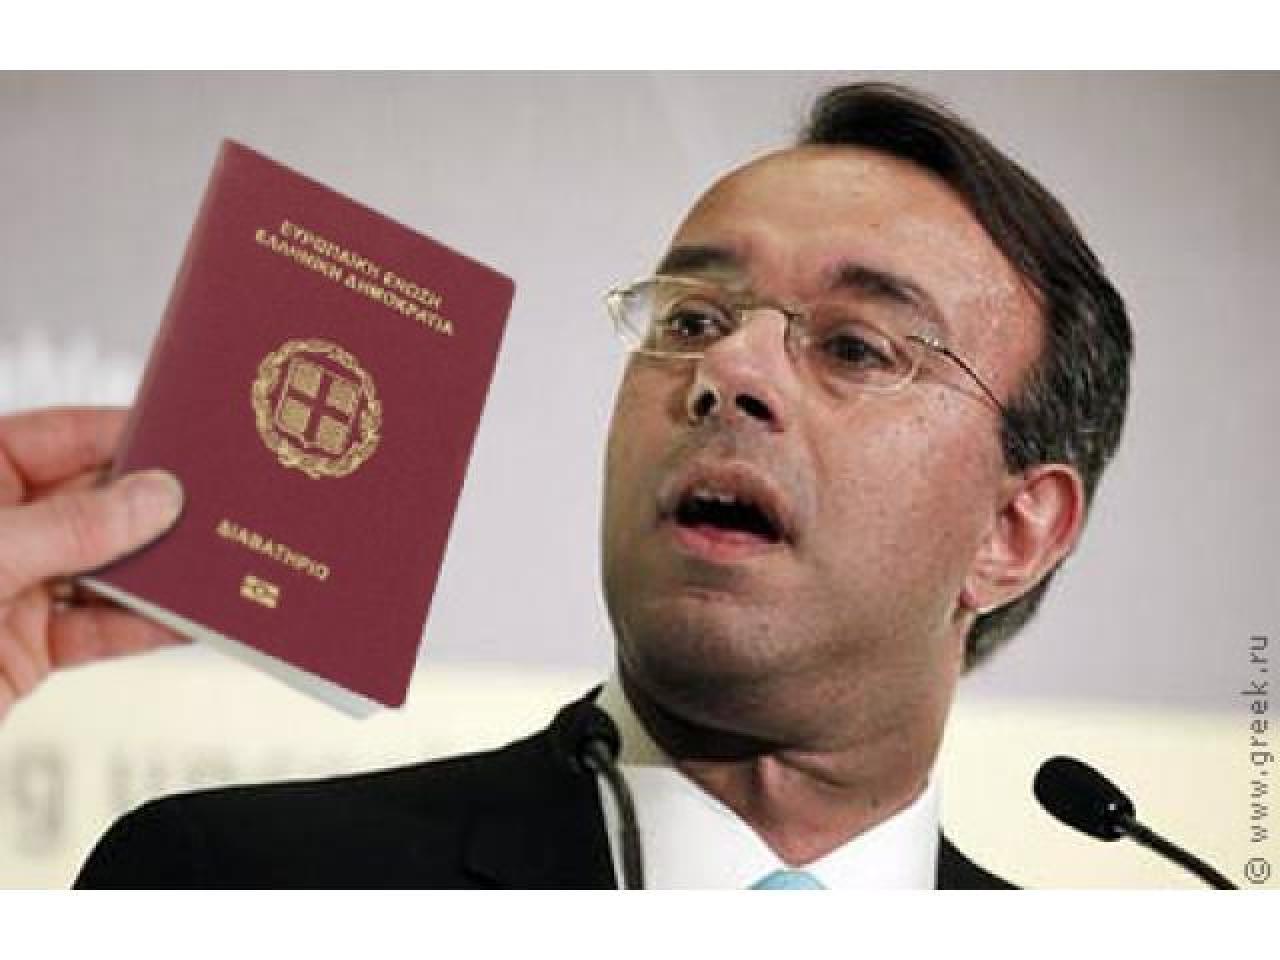 Легализация в Европе через румынский паспорт - 1